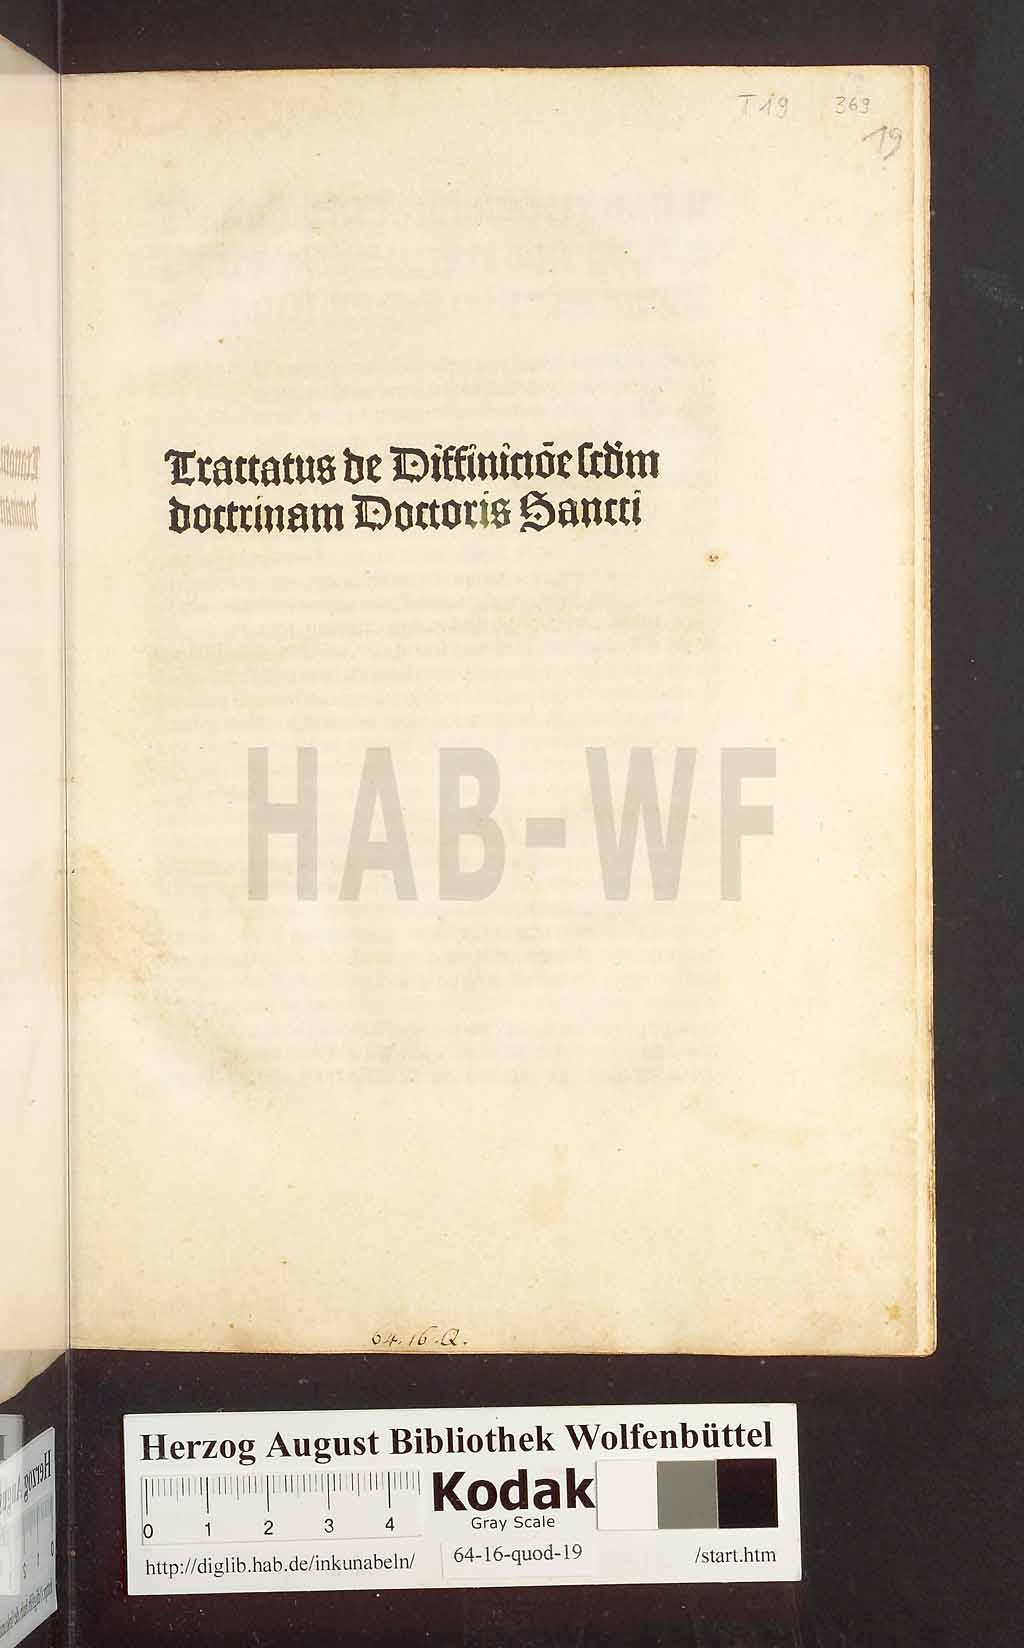 http://diglib.hab.de/inkunabeln/64-16-quod-19/00001.jpg